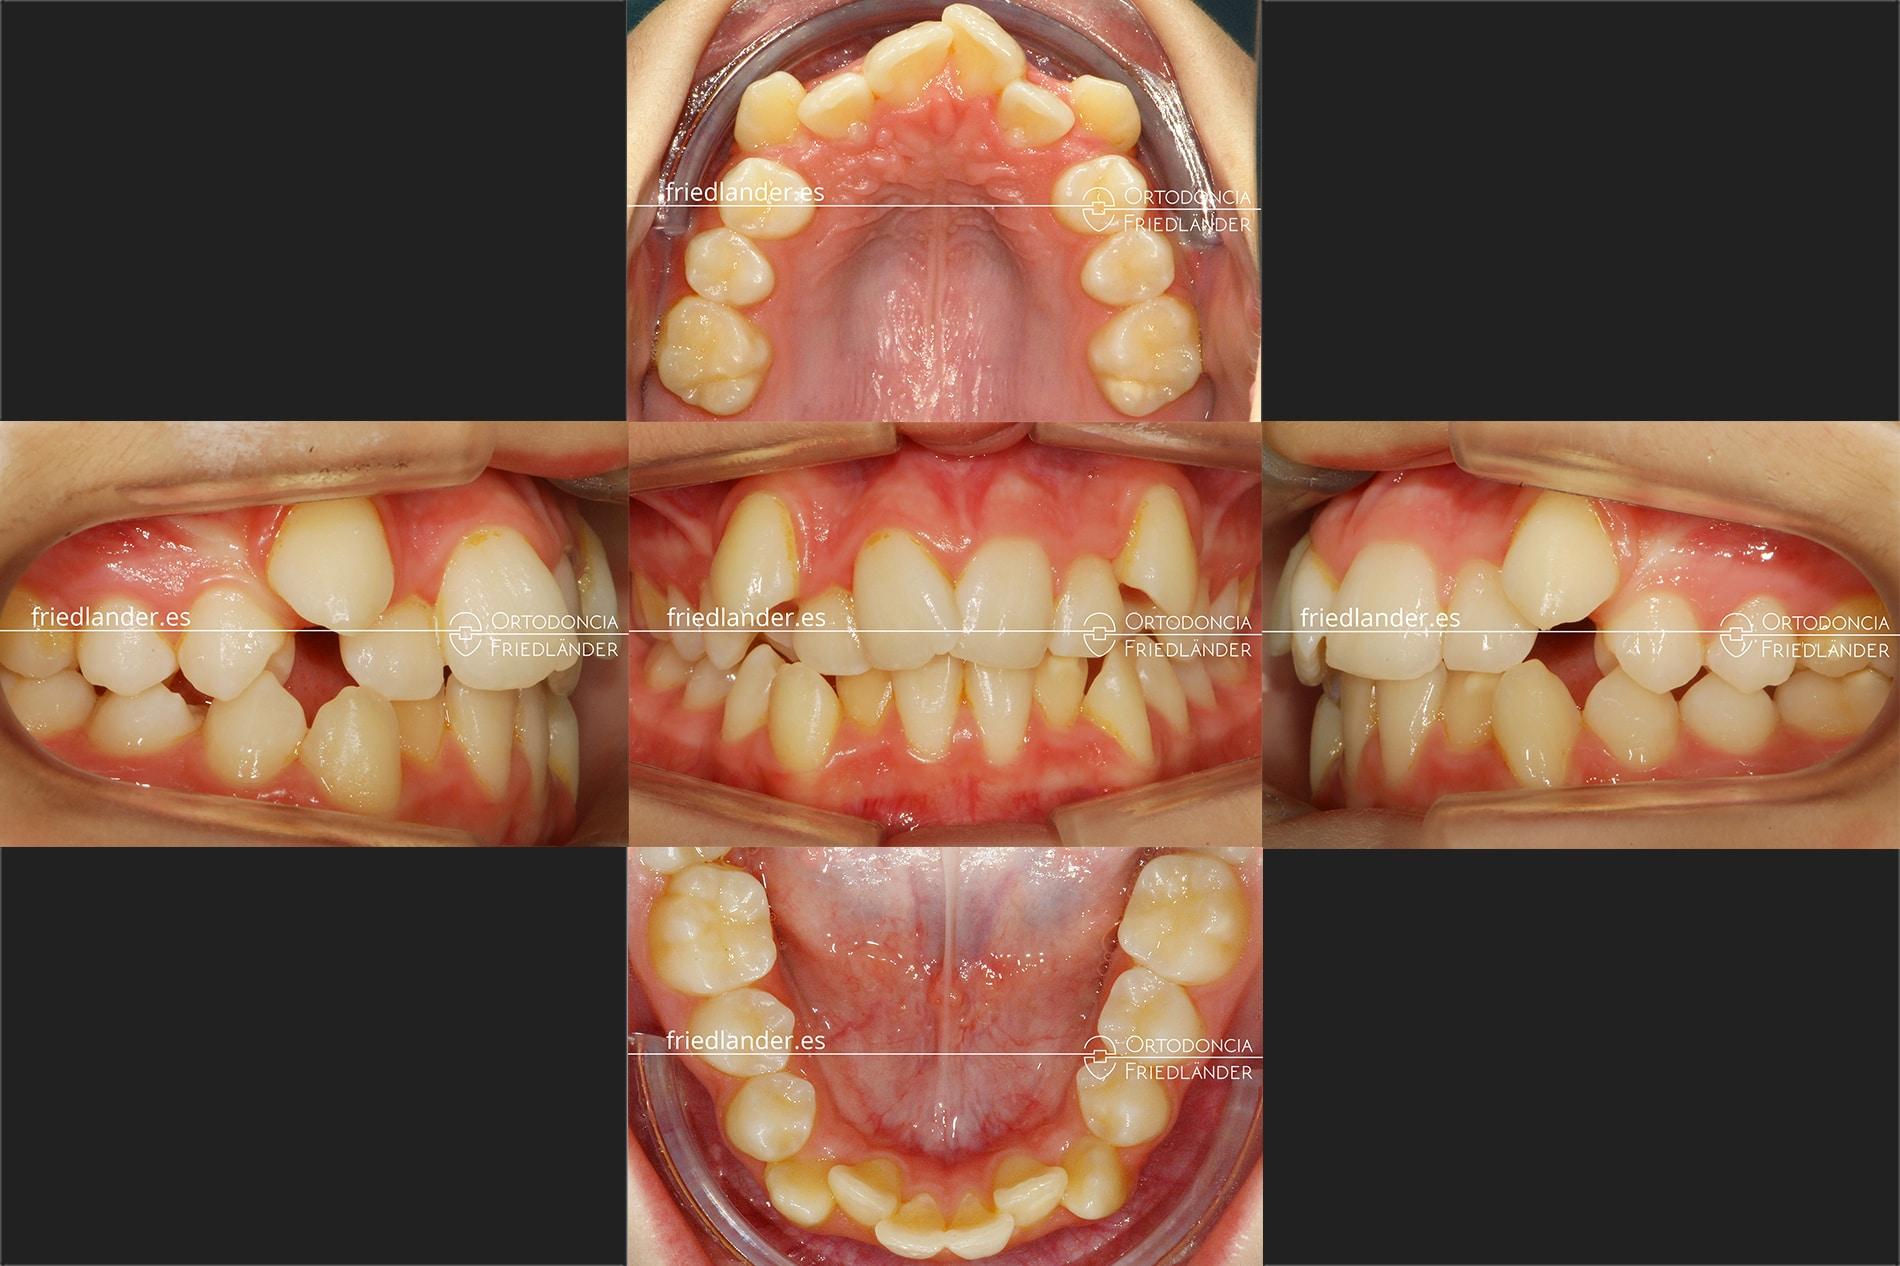 tratamiento Ortodoncia Friedlander Barcelona disyuntor expnasión brackets invisible